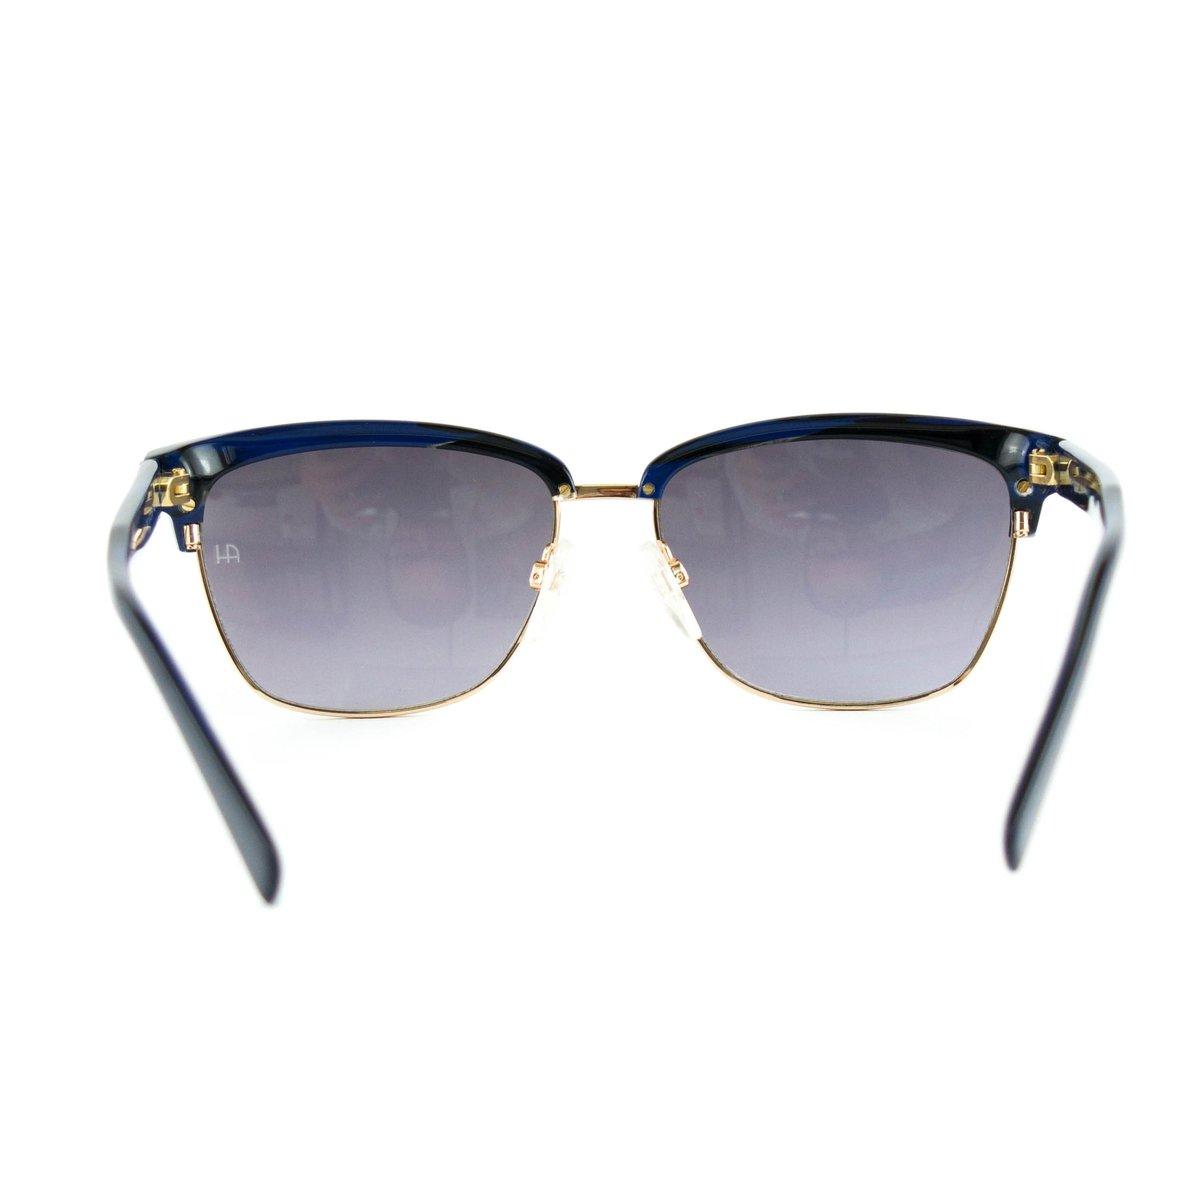 Óculos Ana Hickmann De Sol Espelhado - Azul - Compre Agora   Netshoes 07d8102936